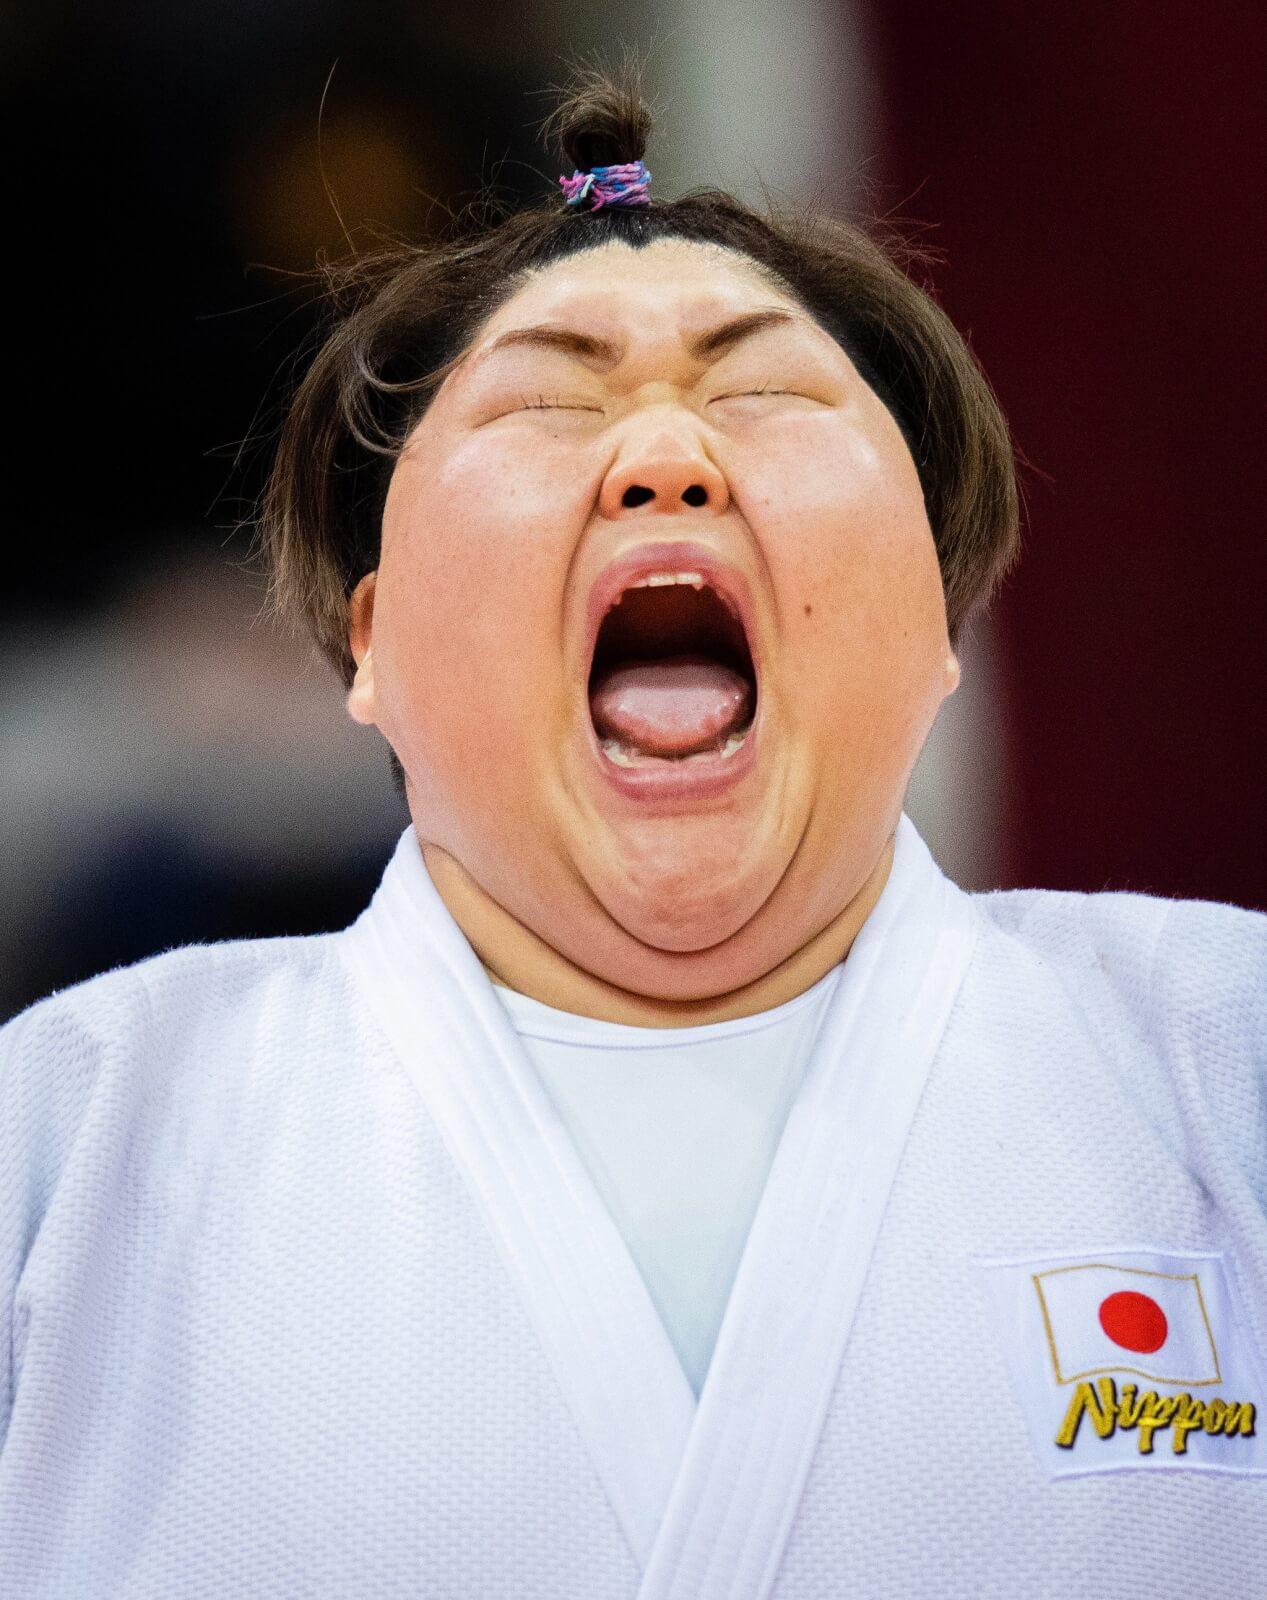 Zawody judo w Dusseldorfie fot. EPA/MORITZ MUELLER